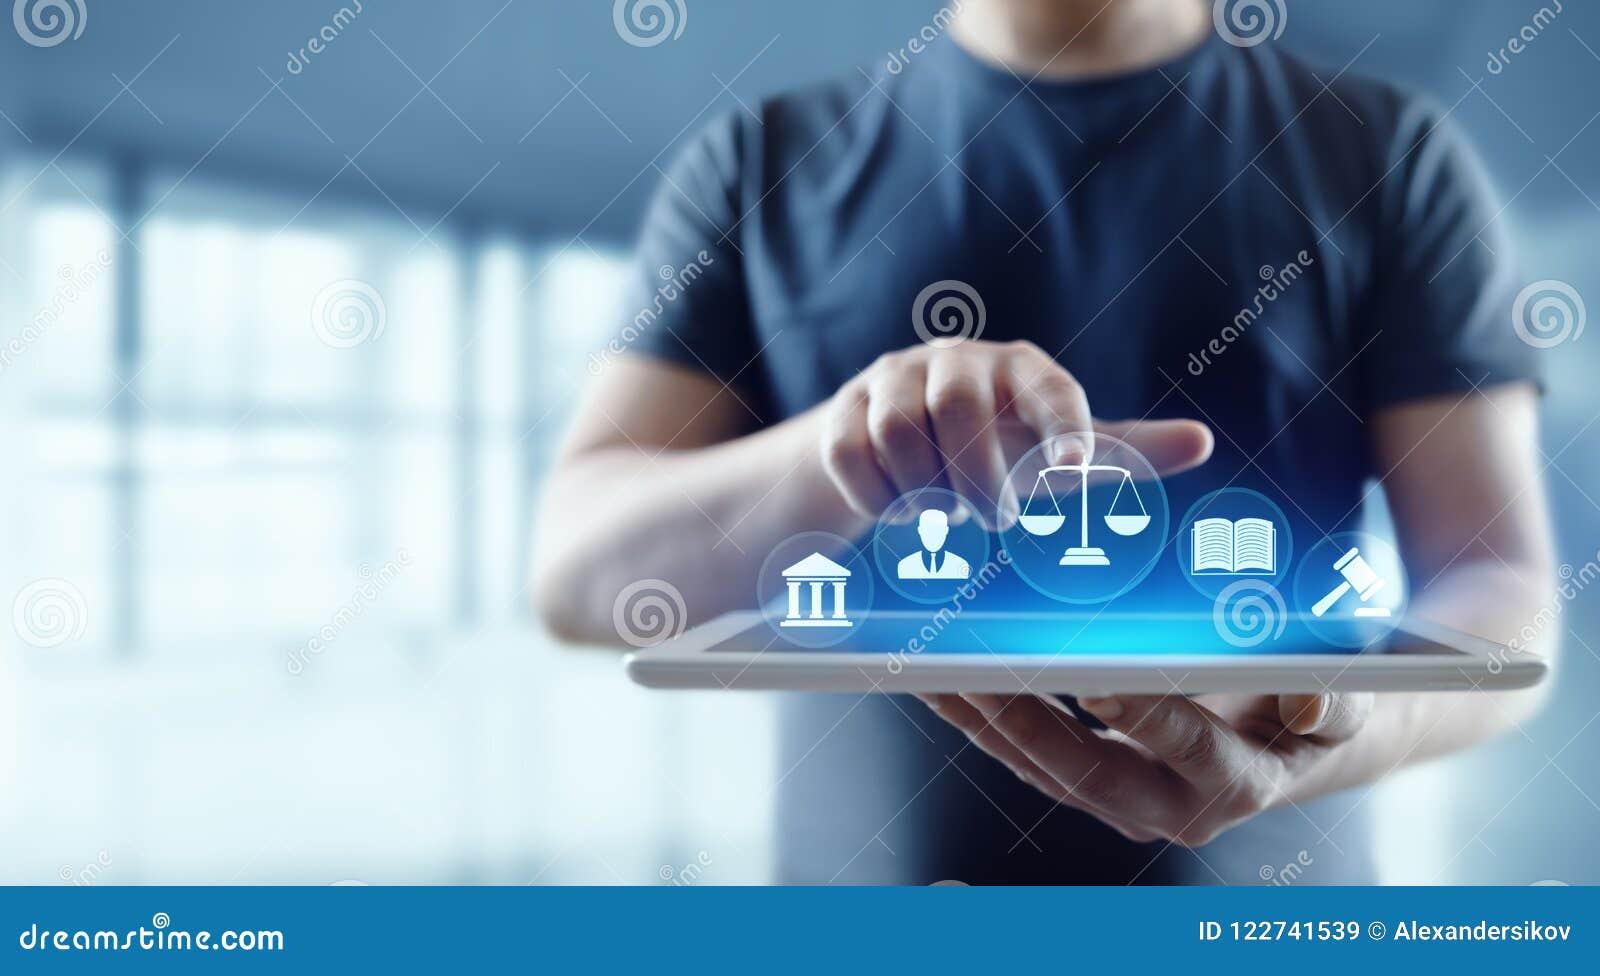 Concept de technologie de Legal Business Internet d avocat de droit du travail